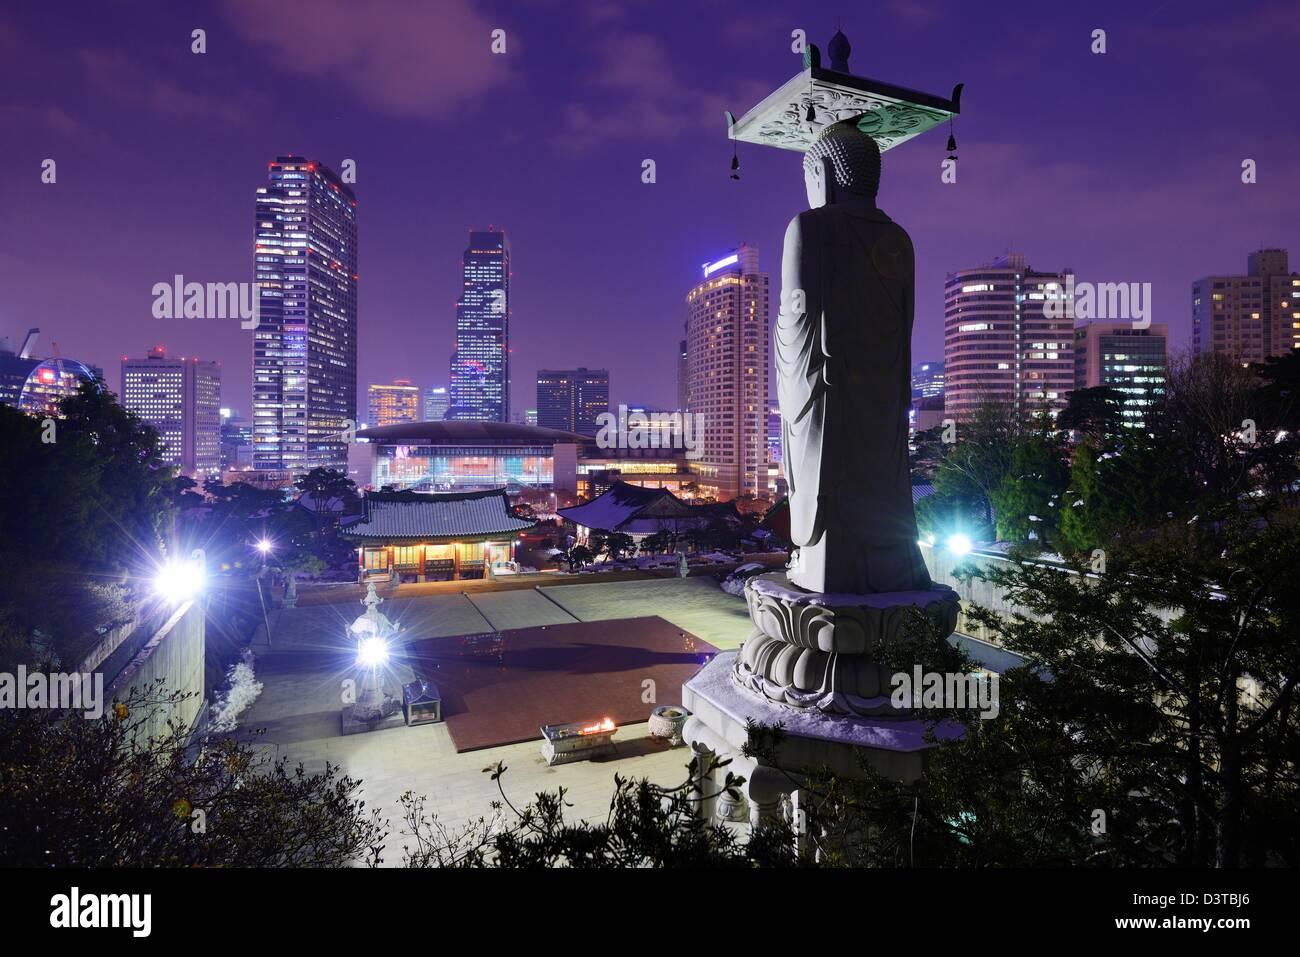 El Templo Bongeunsa, en el distrito de Gangnam de Seúl, Corea. Imagen De Stock